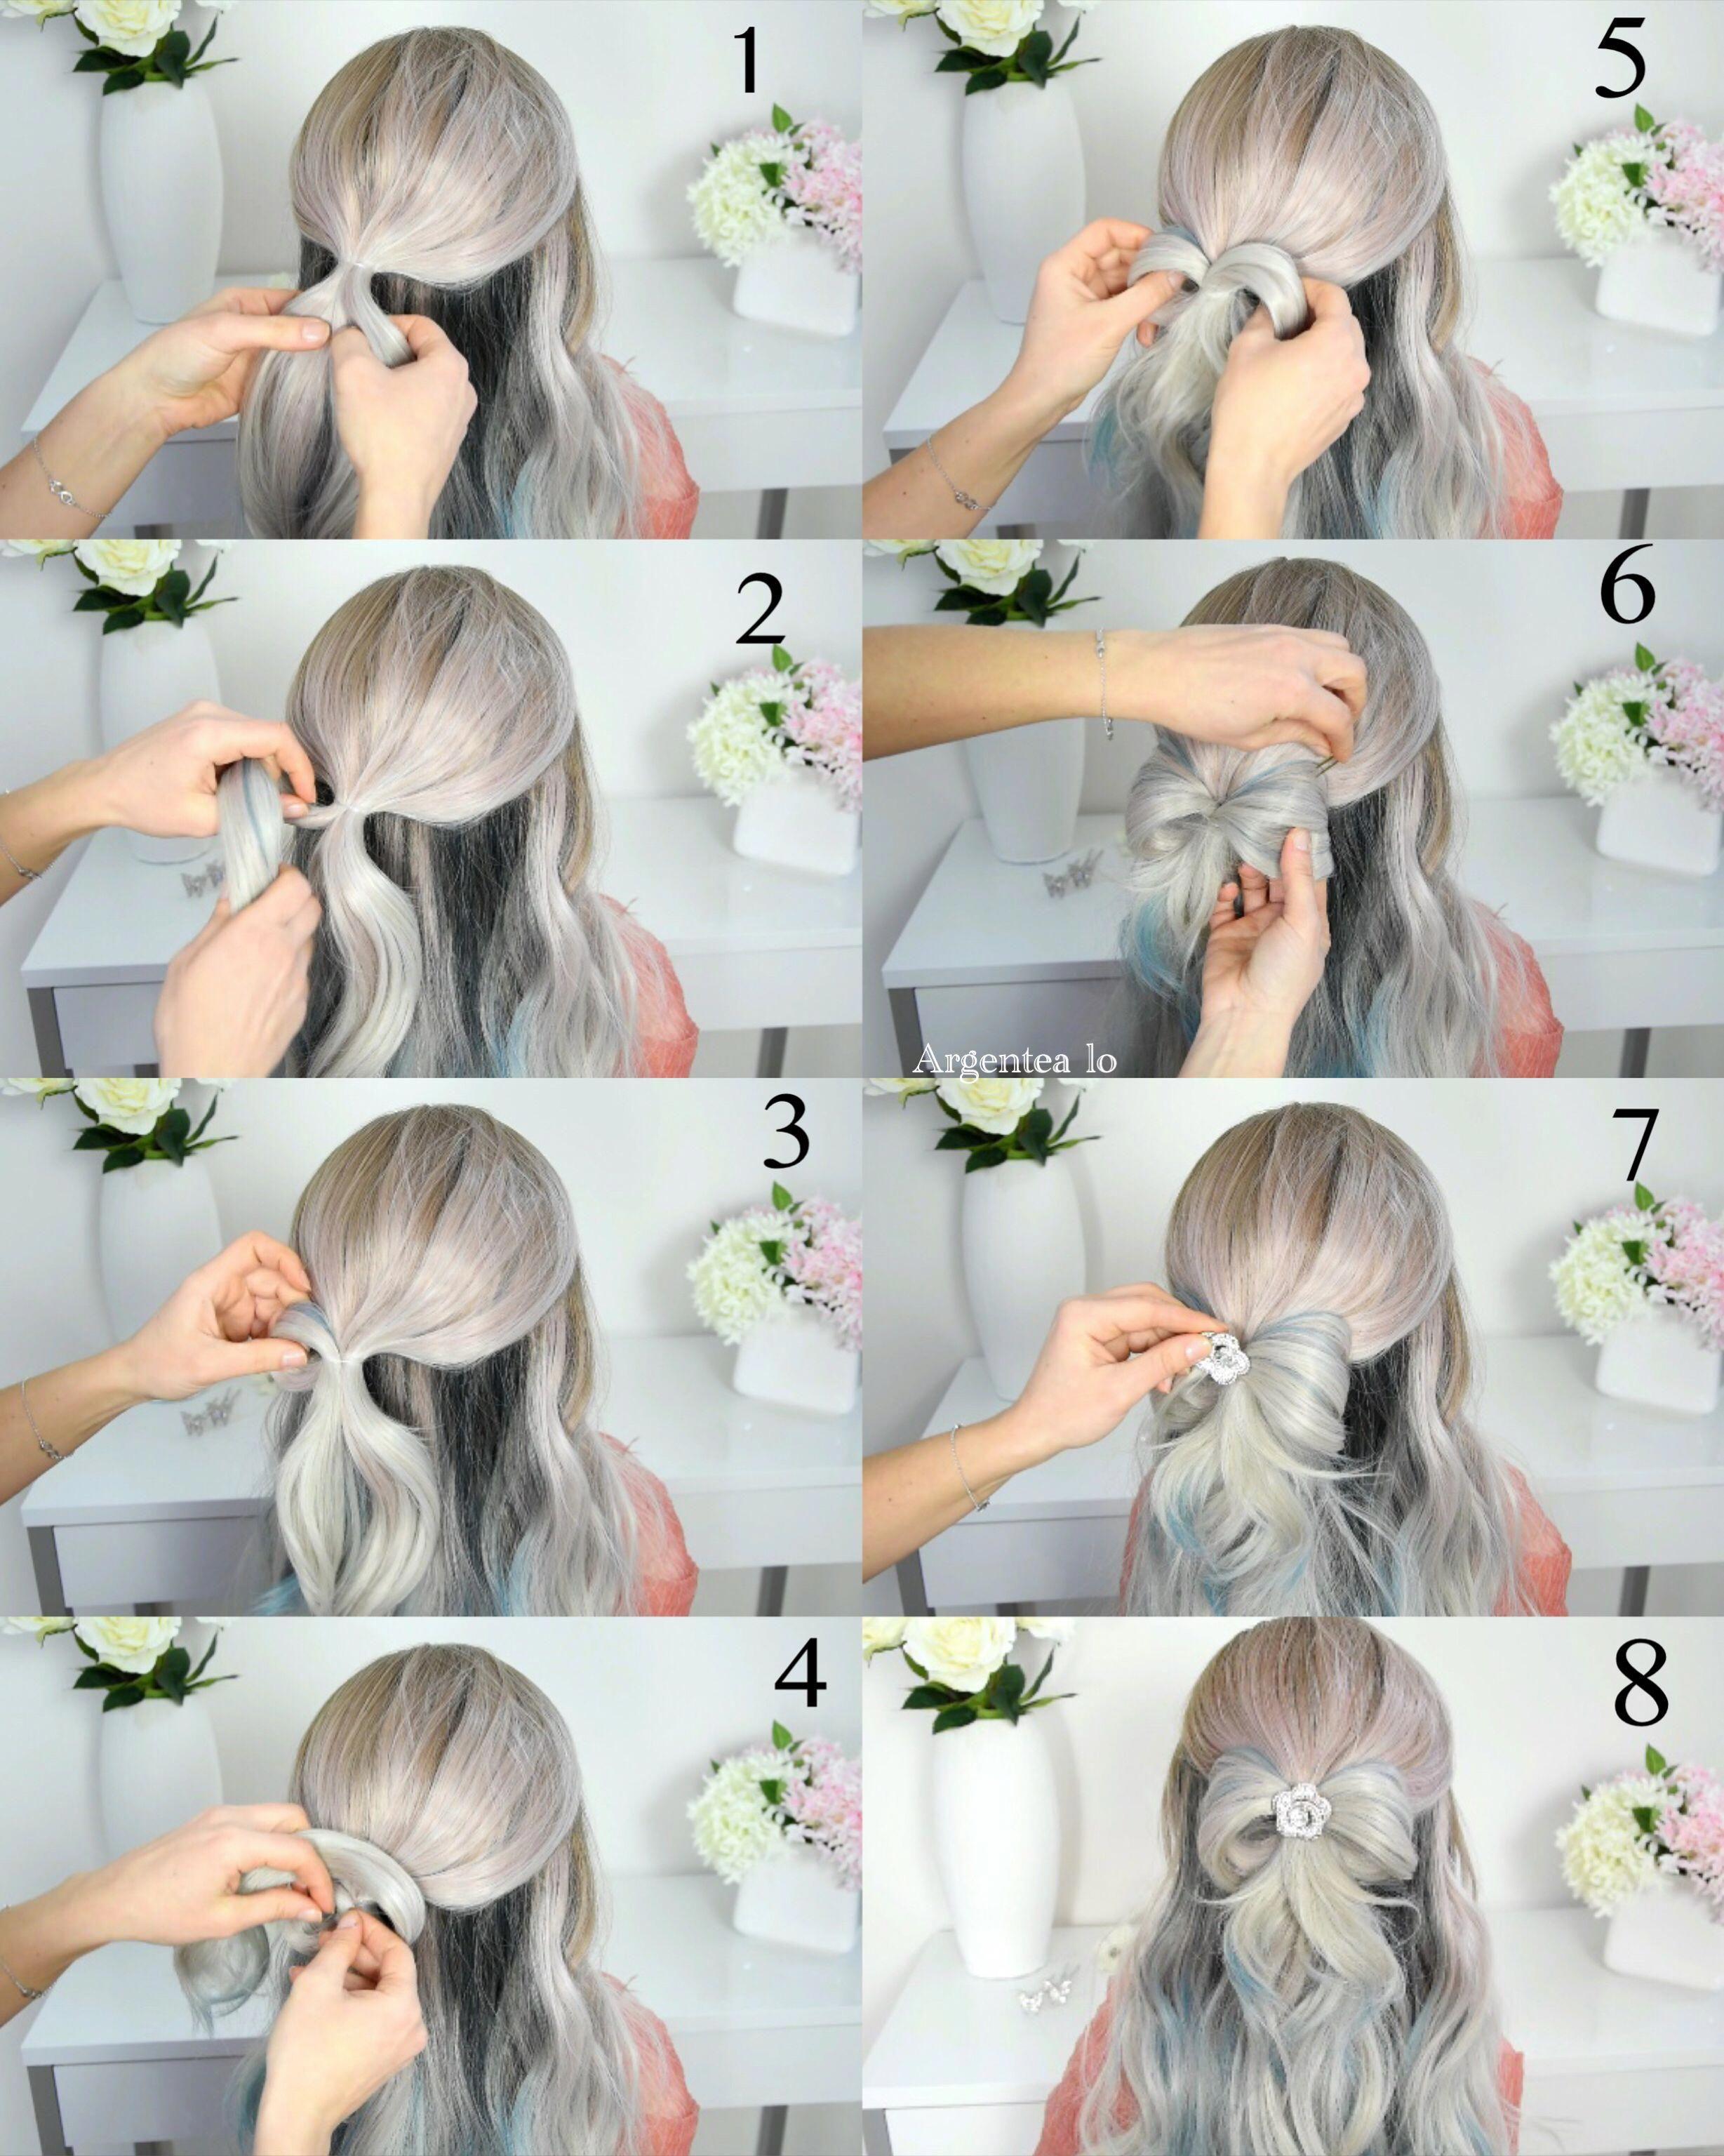 Pin by Kelcie Schnitzler on hairstyles in 2020 | Step by step hairstyles, Bow hairstyle, Hair styles